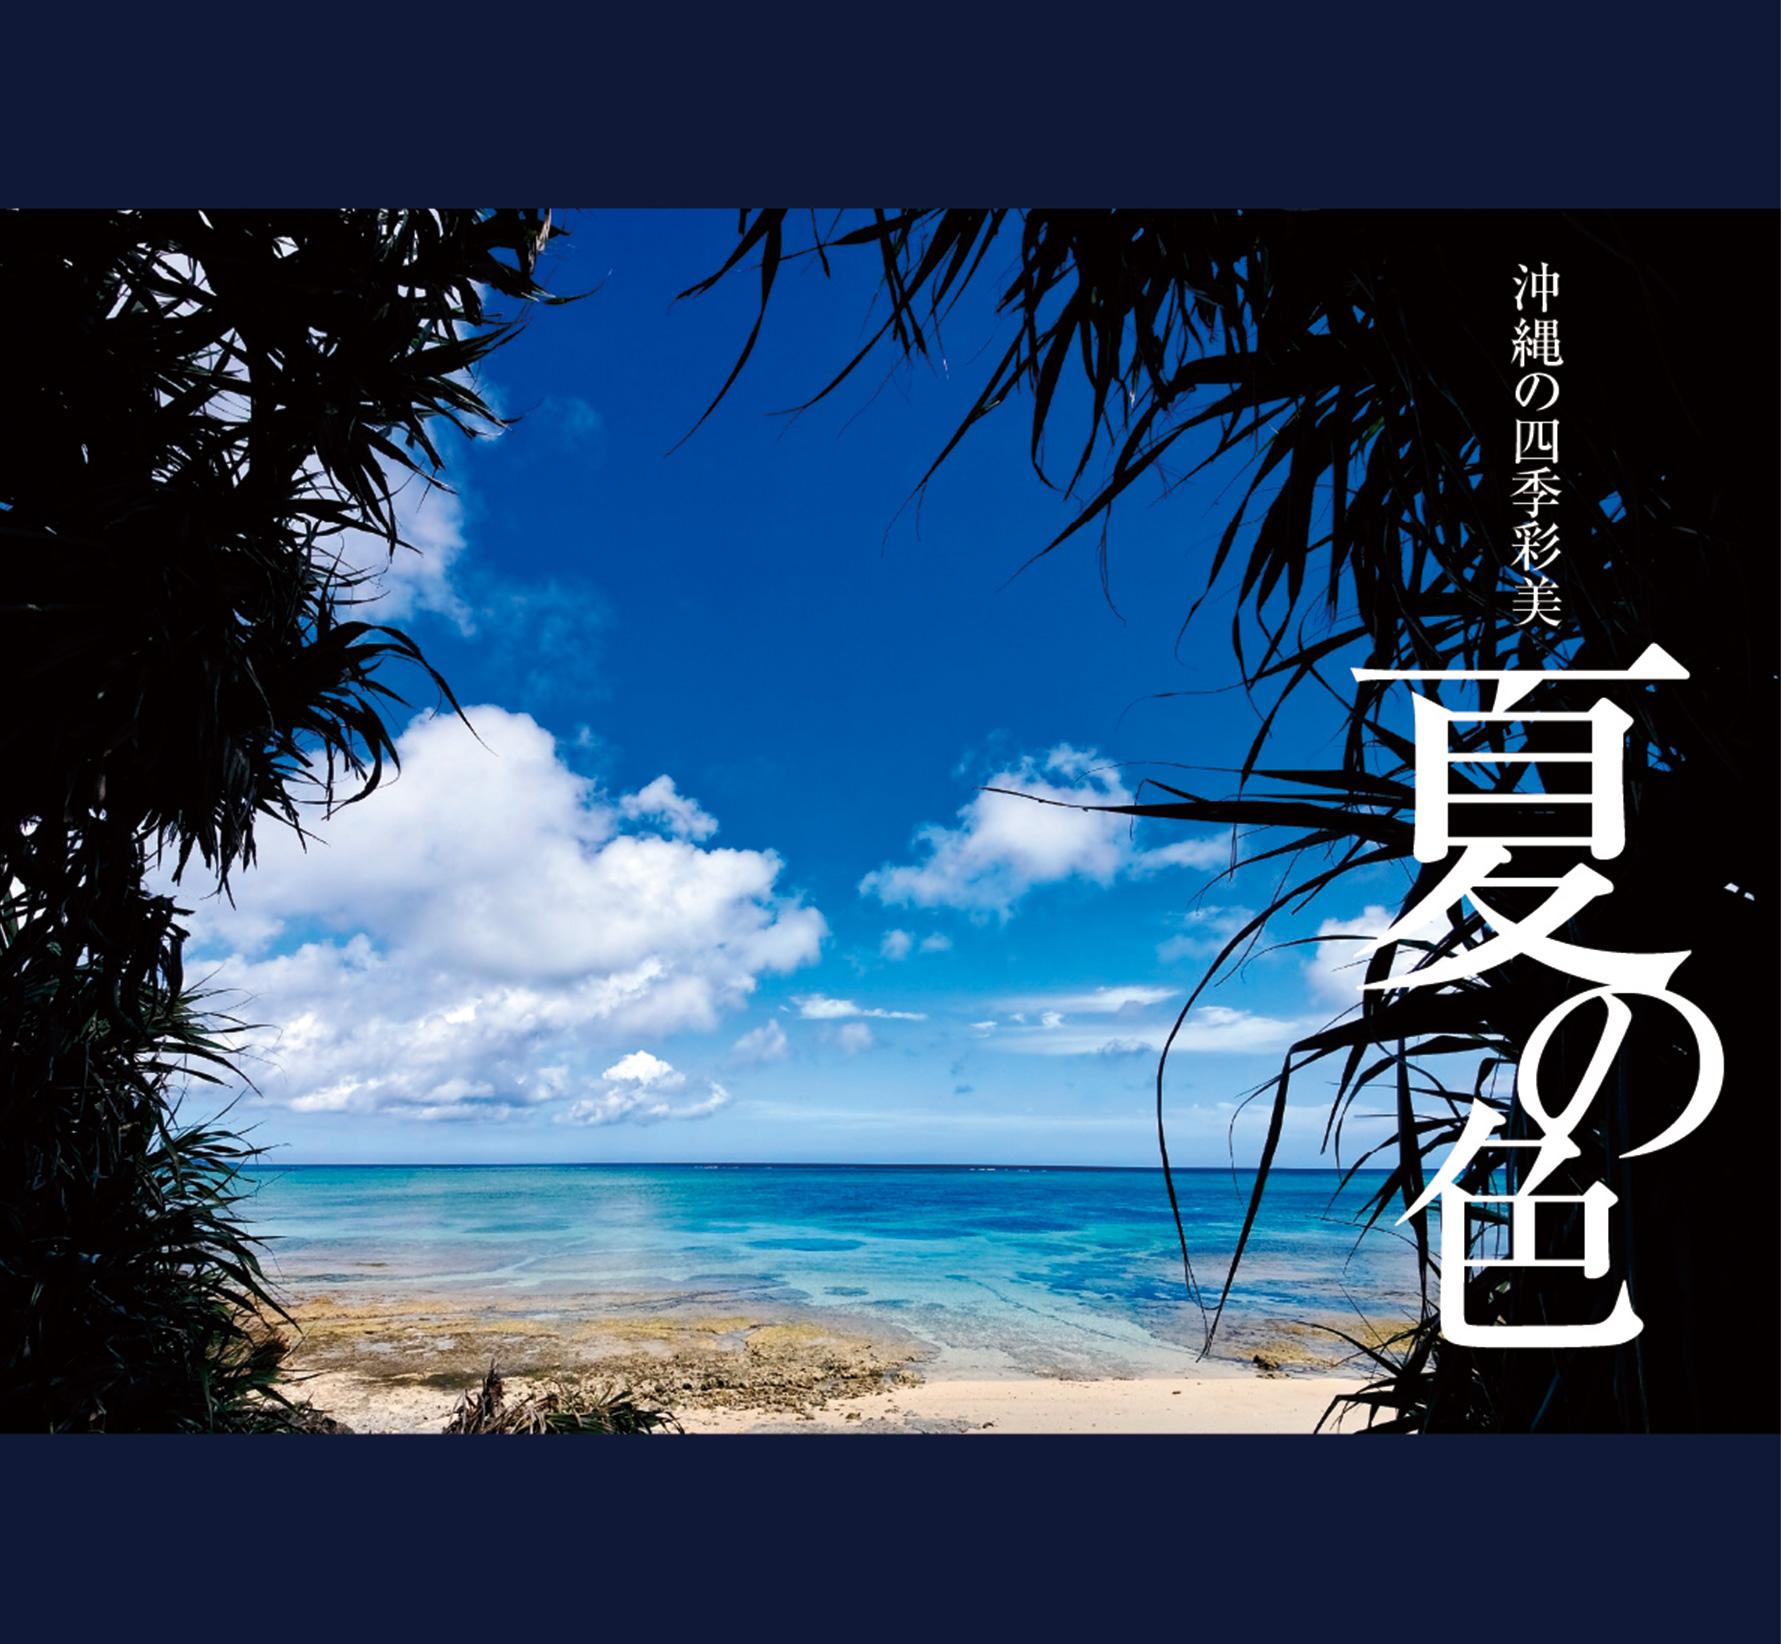 沖縄の四季彩美〜夏の色〜